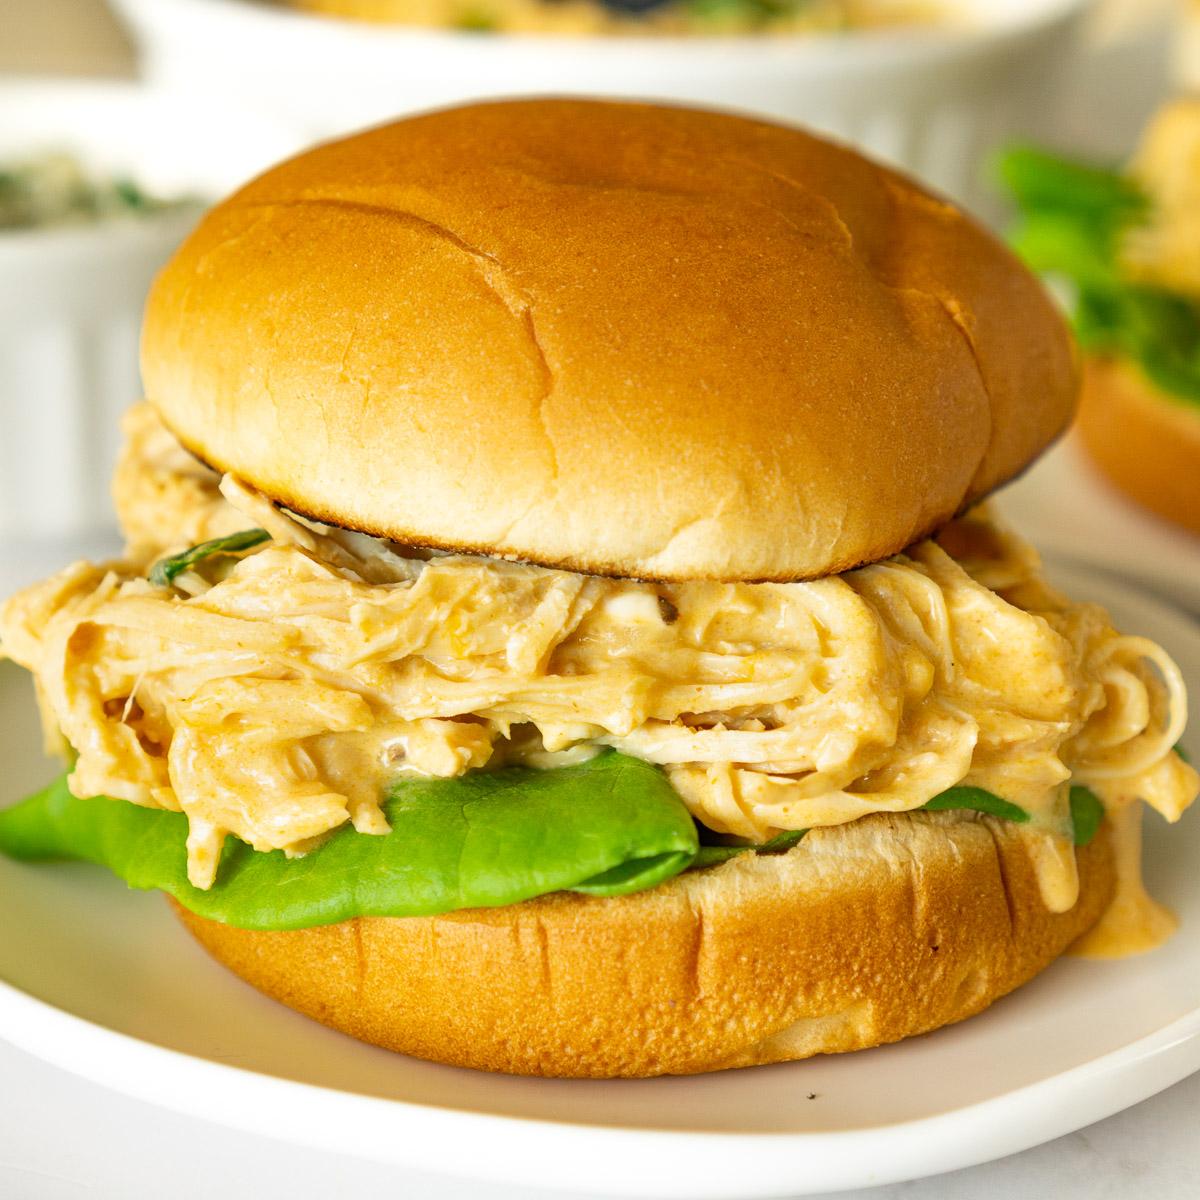 Buffalo chicken sandwich on a plate